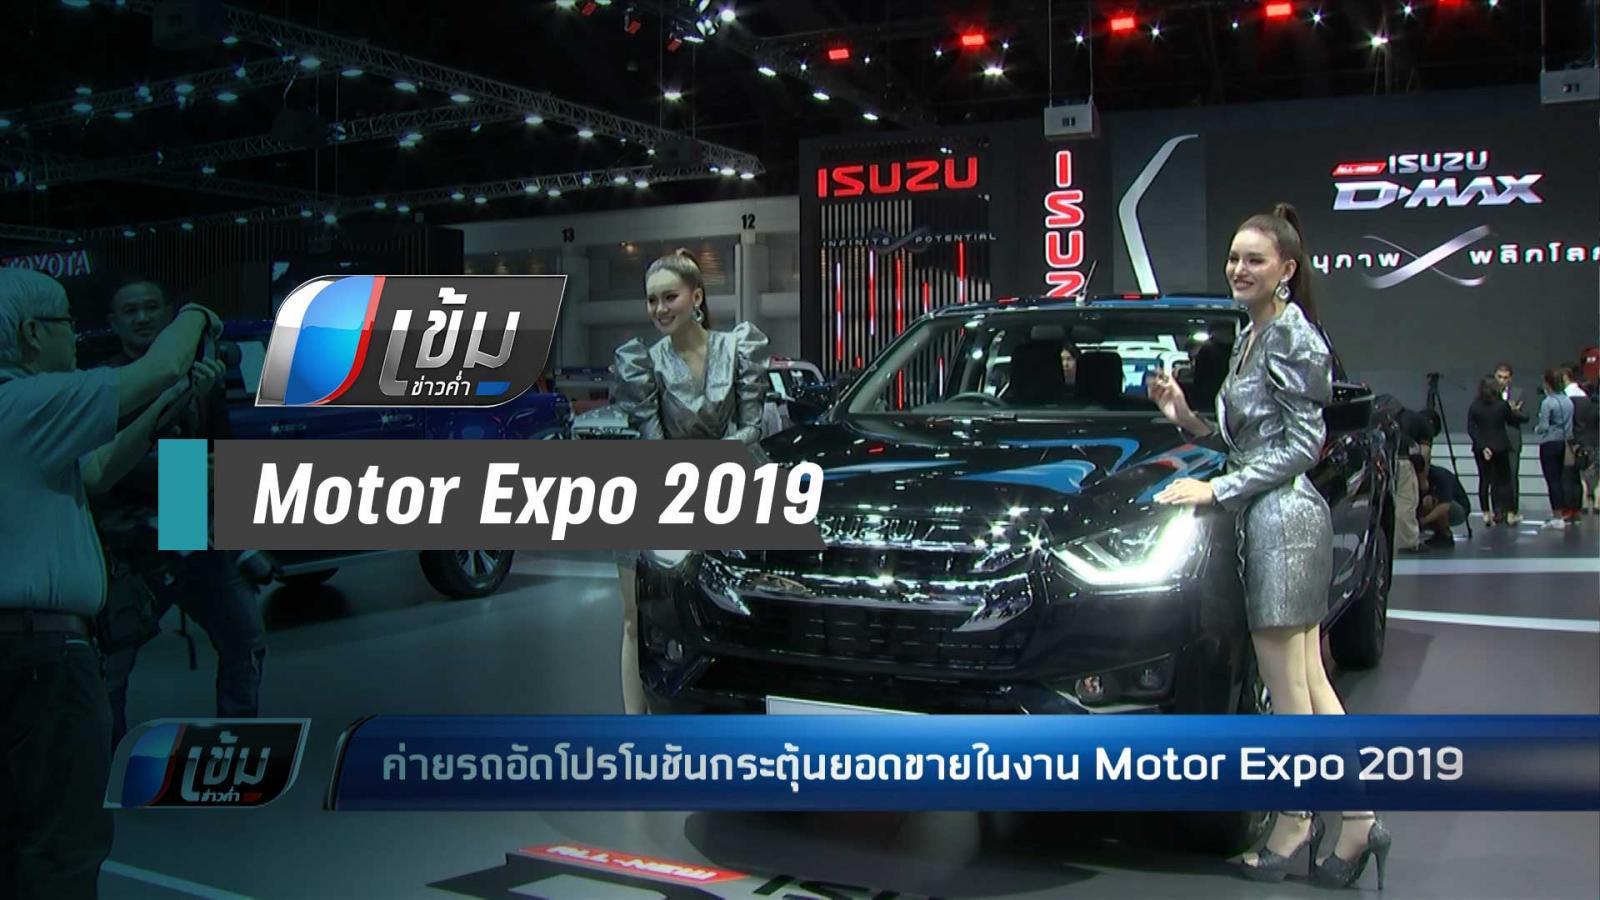 ค่ายรถอัดโปรโมชั่น กระตุ้นยอดขายงาน Motor Expo 2019